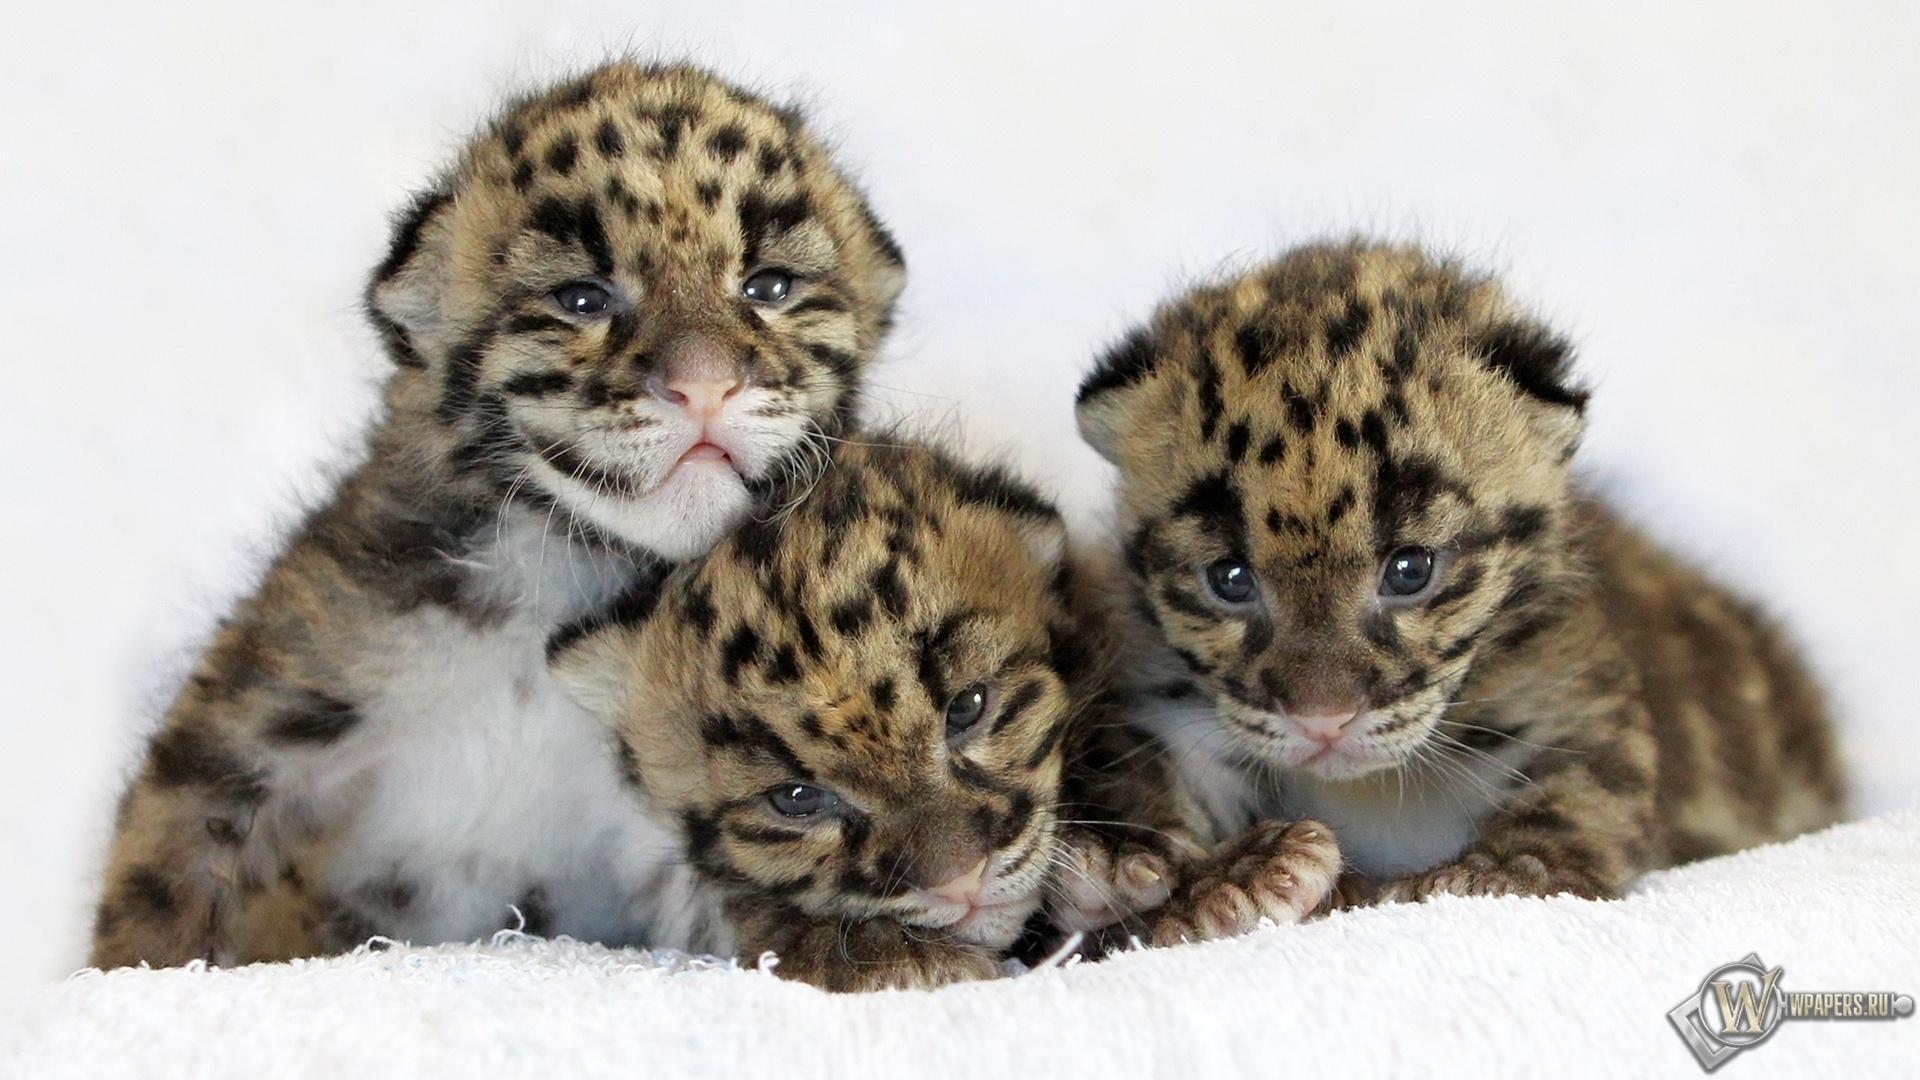 Котята леопардов 1920x1080